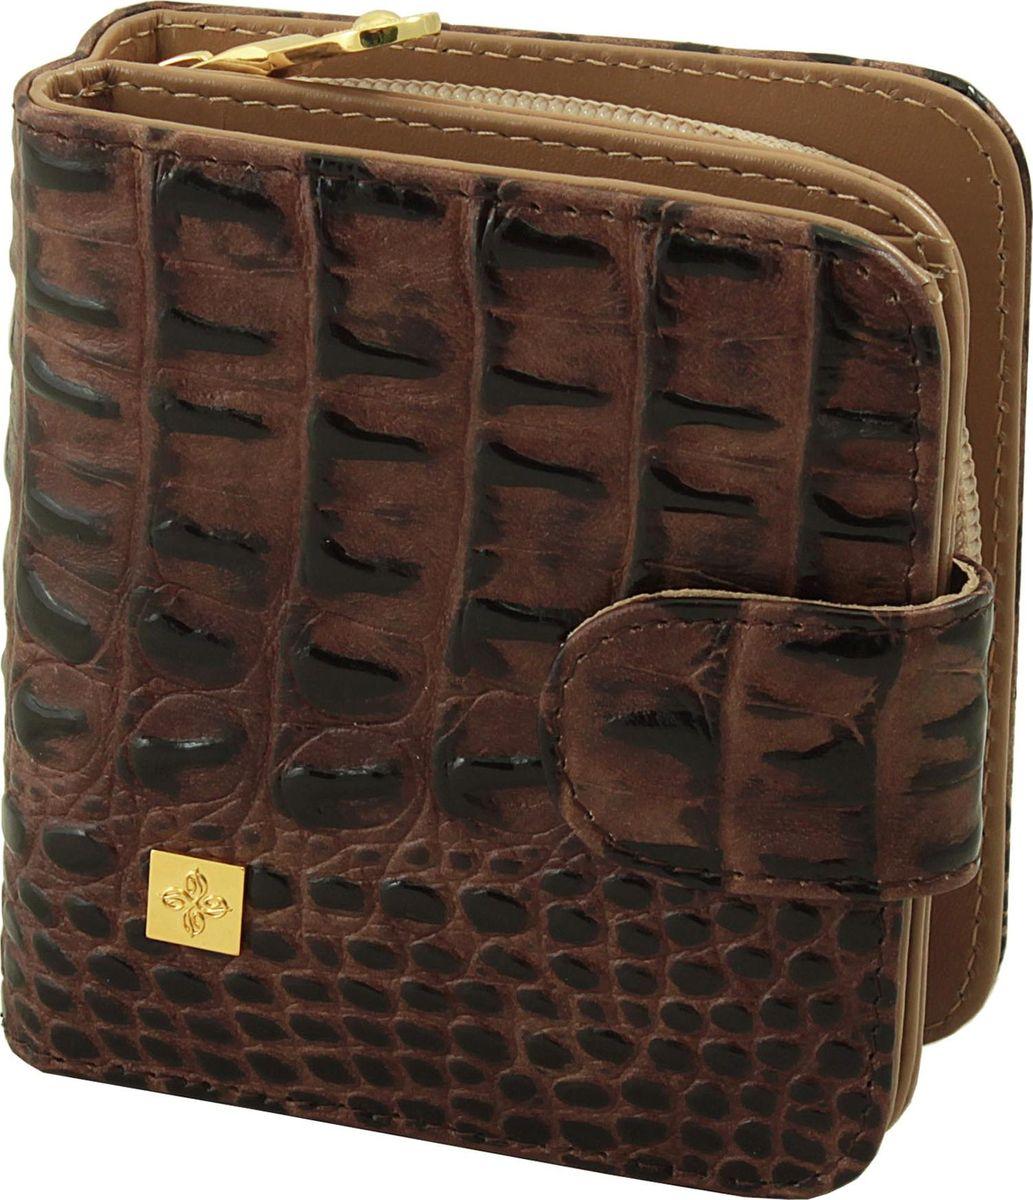 Кошелек женский Dimanche Loricata Brun, цвет: коричневый. 299/8299/8_коричневыйКошелек Dimanche Loricata Brun выполнен из натуральной кожи с оригинальным украшением. Модель состоит из двух отделений. В первом отделении, закрывающемся на хлястик с кнопкой, имеется 2 отделения для купюр и восемь кармашков для кредитных/визитных карт. Второе объемное отделение для мелочи закрывается на молнию, внутри имеется перегородка.